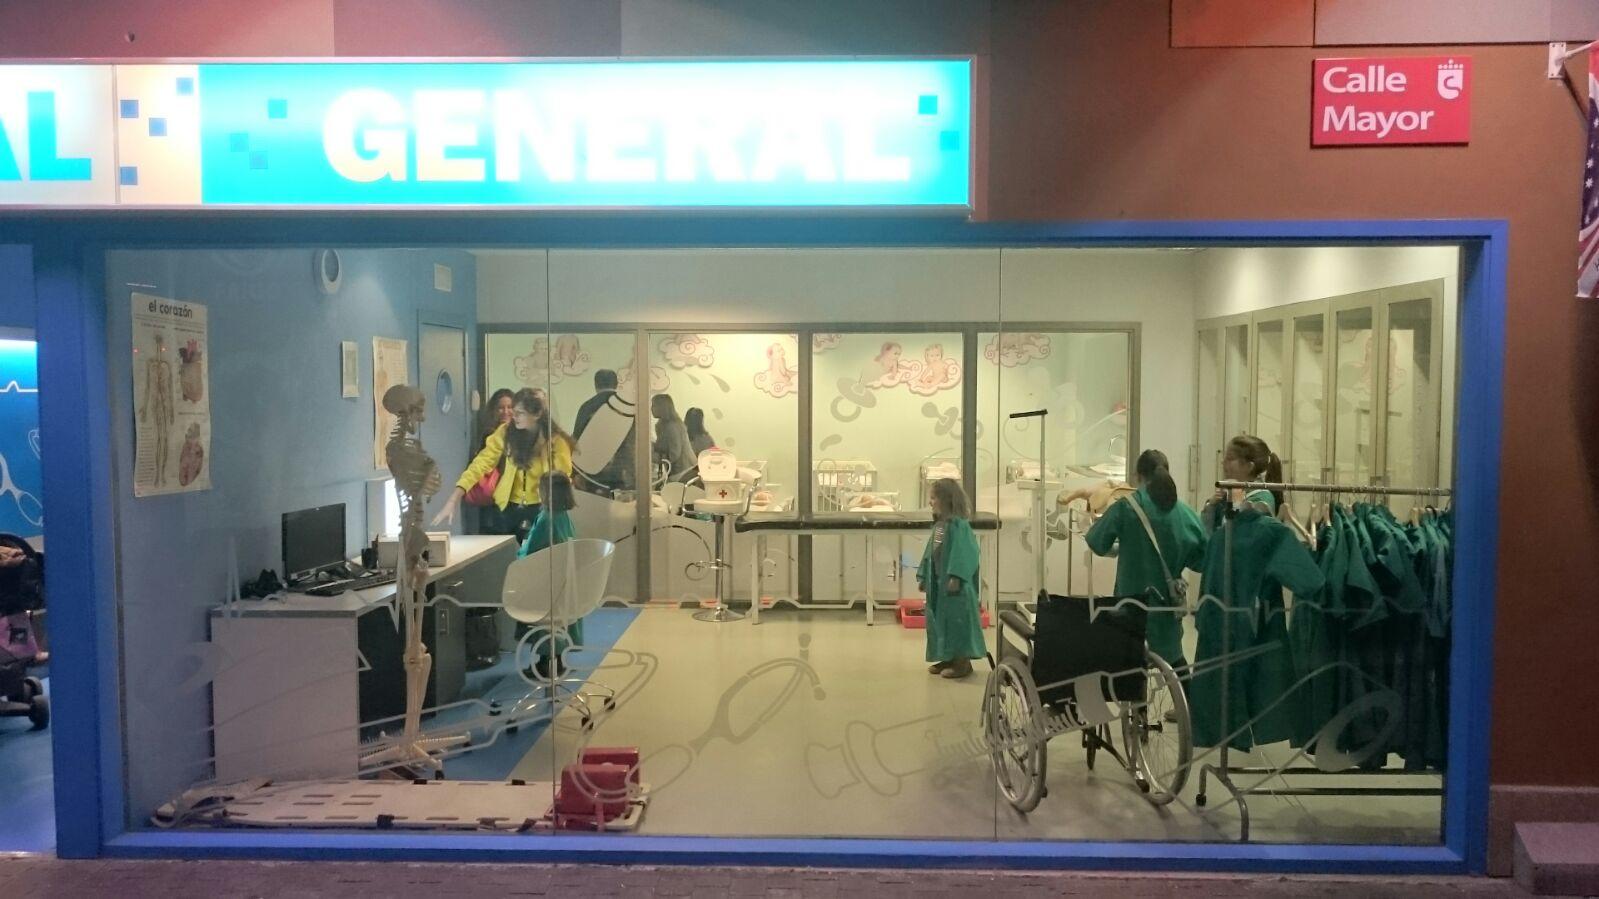 Ejerciendo de médicos en el hospital Central de Micrópolix. ©J.R.Aguirre